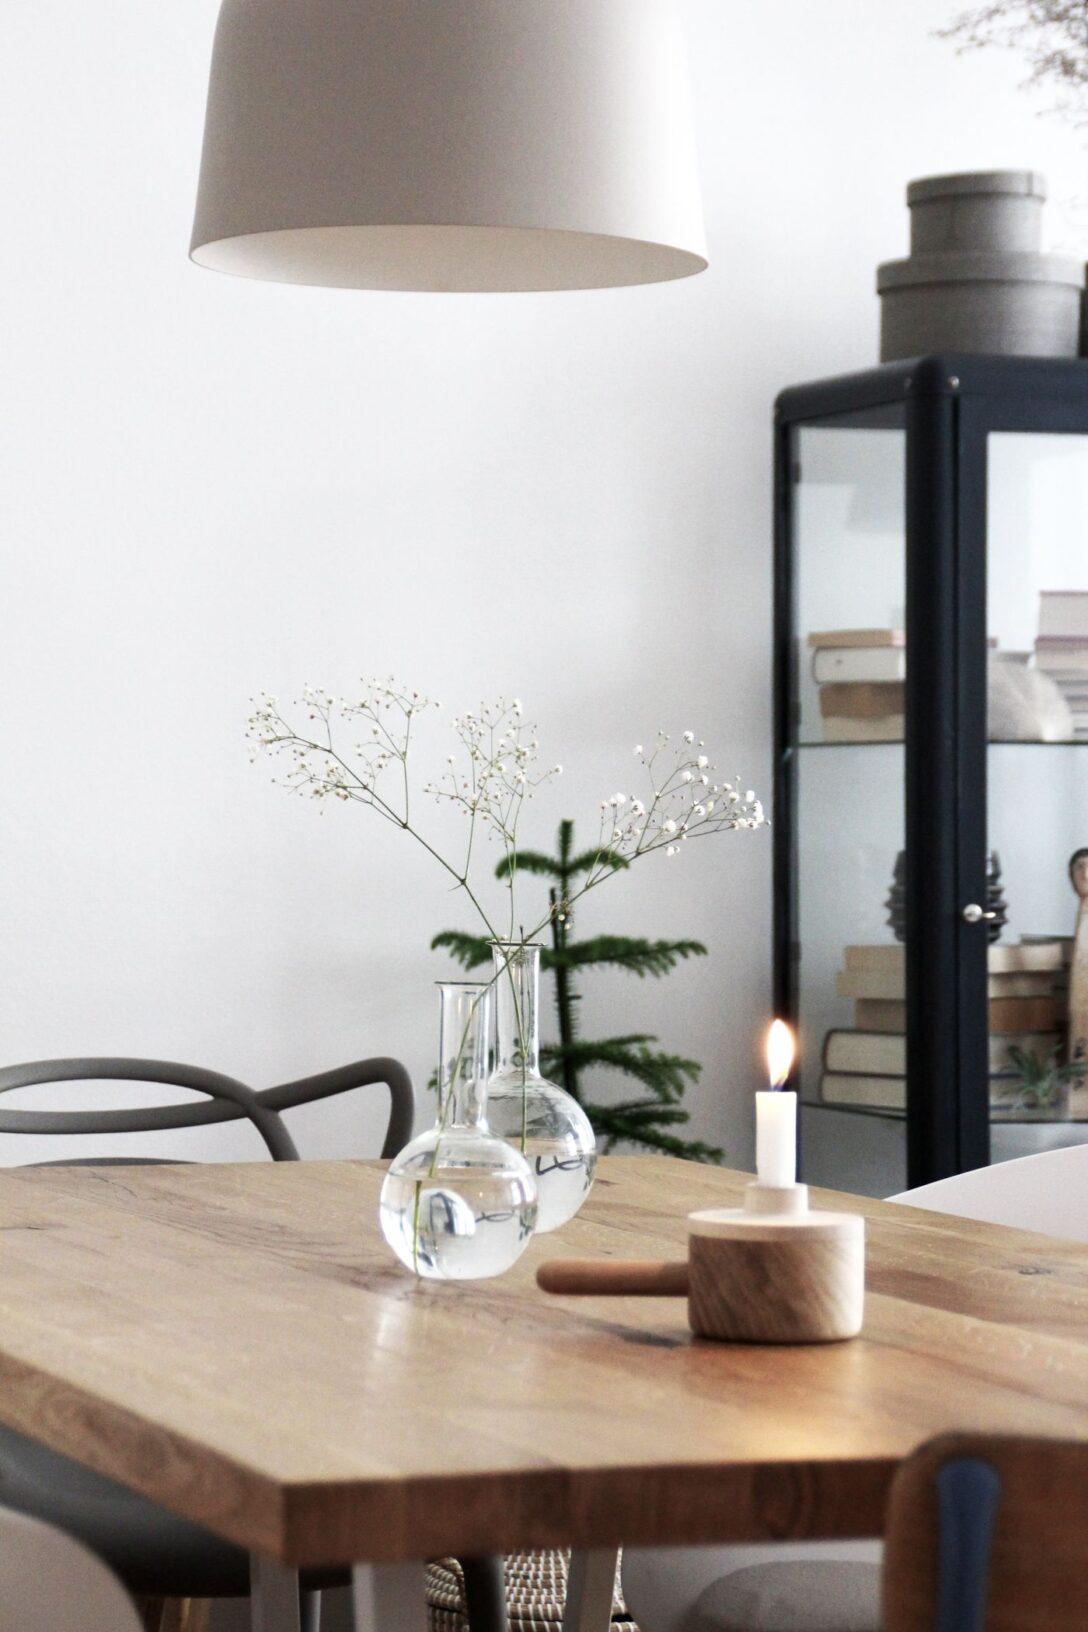 Large Size of Ideen Und Inspirationen Fr Ikea Schrnke Küche Kosten Miniküche Vorratsschrank Betten Bei 160x200 Modulküche Sofa Mit Schlaffunktion Kaufen Wohnzimmer Ikea Vorratsschrank